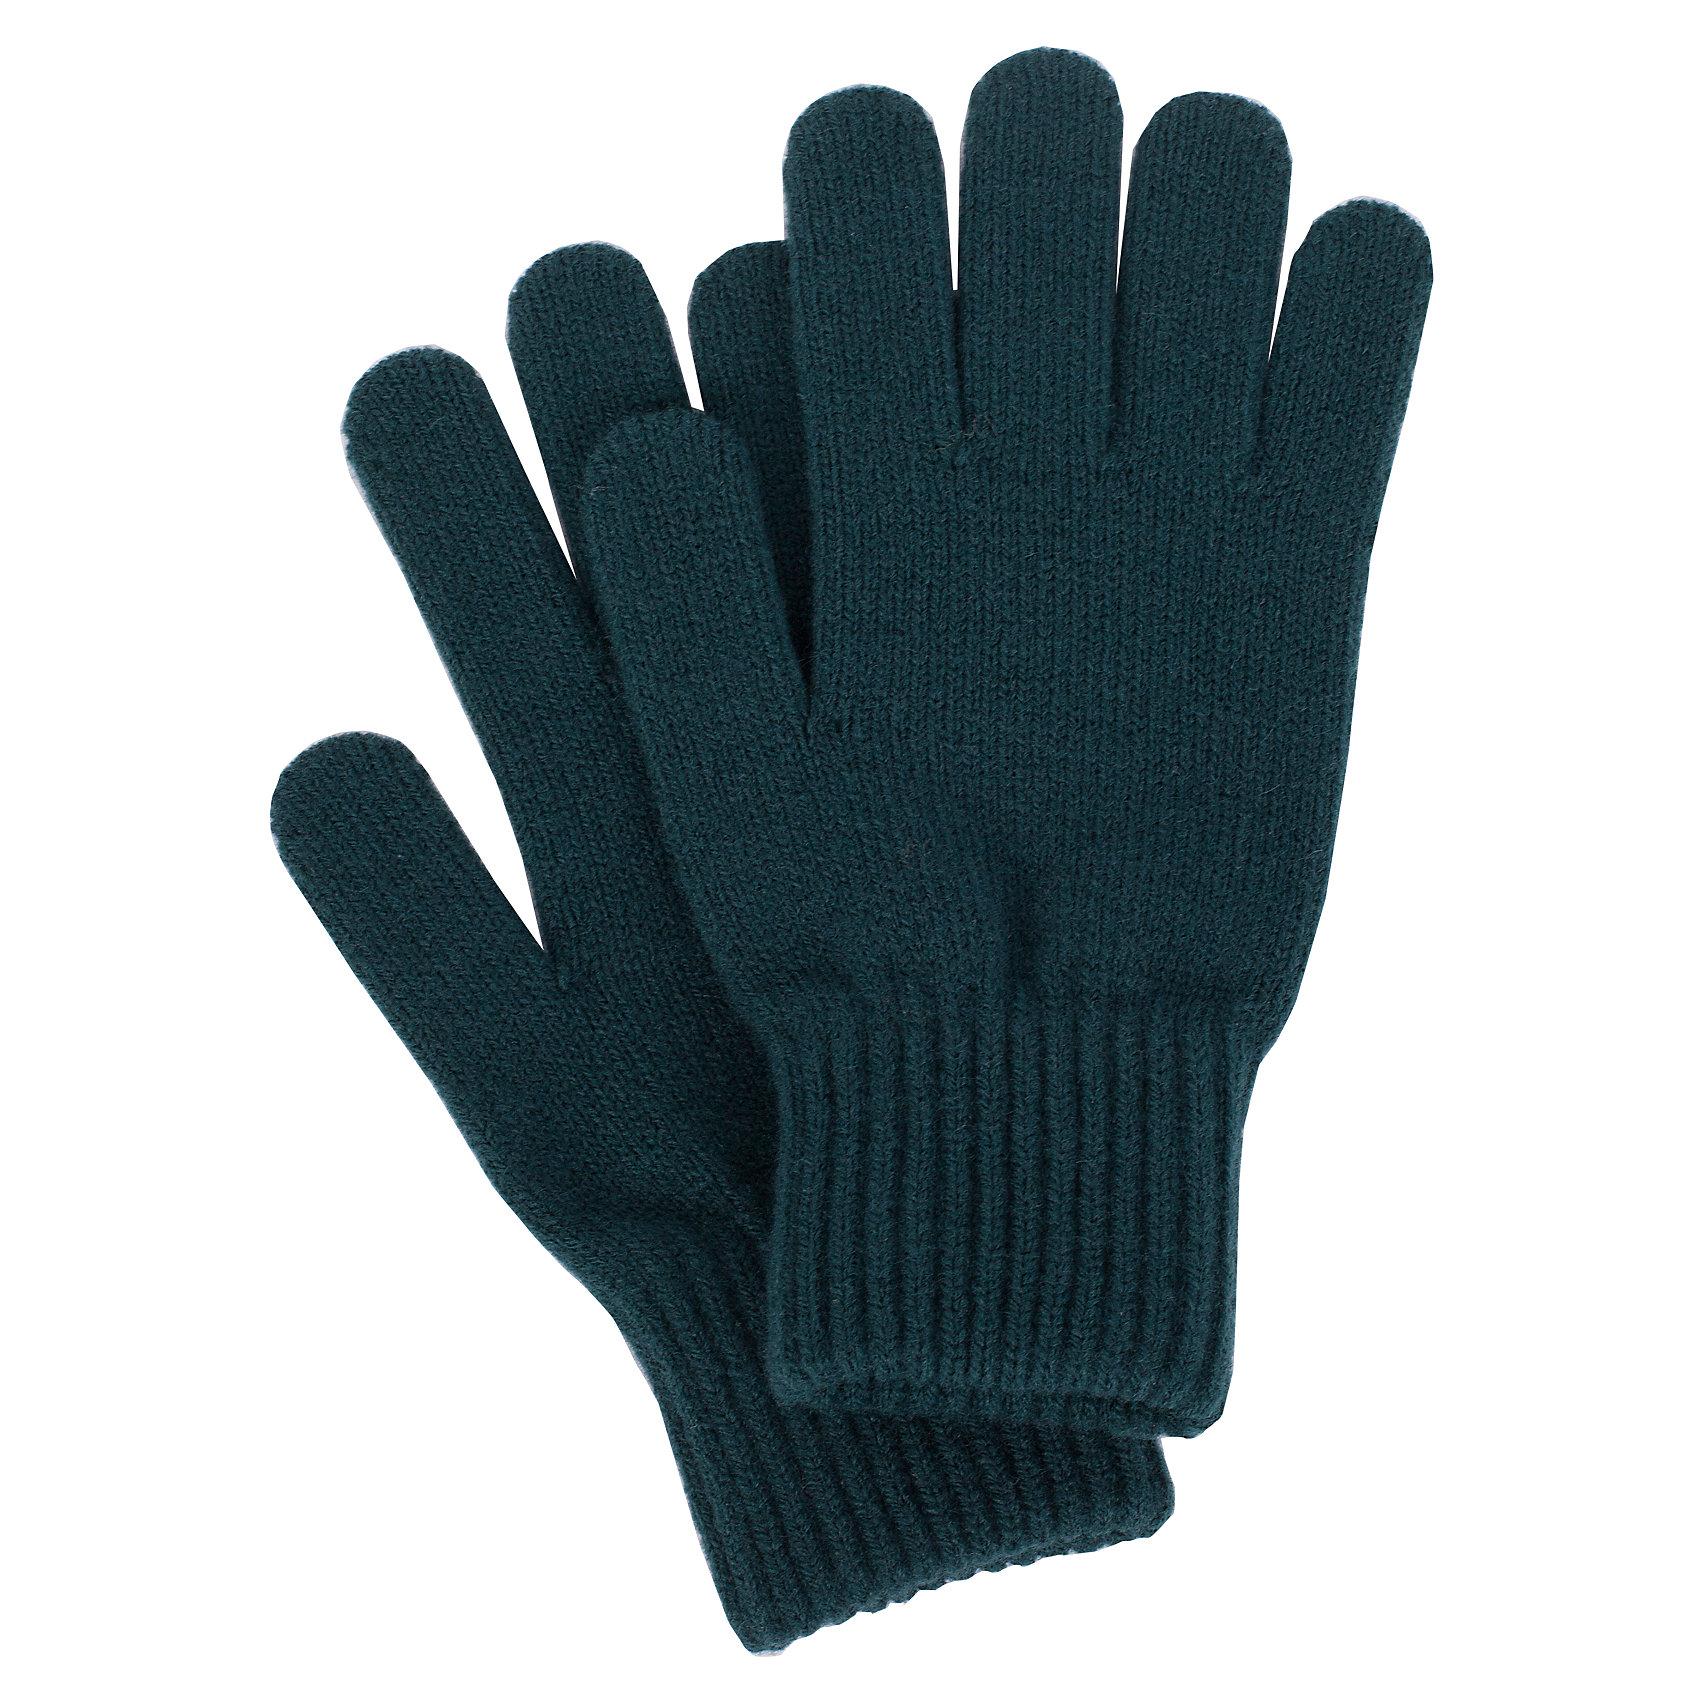 Перчатки Gulliver для мальчикаПерчатки, варежки<br>Перчатки Gulliver для мальчика<br>Модные шарфы в наше время - это не только шарфы традиционной прямоугольной формы, но и другие интересные аксессуары, прекрасно справляющиеся с функцией защиты от холода и ветра. Шарф-снуд, шарф-хомут, шарф-труба, шарф-воротник - именно такие модели в осенне-зимнем сезоне 17/18 будут самыми актуальными и востребованными. Горчичный вязаный воротник подарит необыкновенный комфорт, тепло и уют. Легкость, удобство, а также возможность красиво завершить зимний образ, придав ему элегантную небрежность, делают шарф незаменимым аксессуаром сезона!<br>Состав:<br>30% шерсть            70% полиэстер<br><br>Ширина мм: 162<br>Глубина мм: 171<br>Высота мм: 55<br>Вес г: 119<br>Цвет: зеленый<br>Возраст от месяцев: 0<br>Возраст до месяцев: 3<br>Пол: Мужской<br>Возраст: Детский<br>Размер: 16,14<br>SKU: 7077021